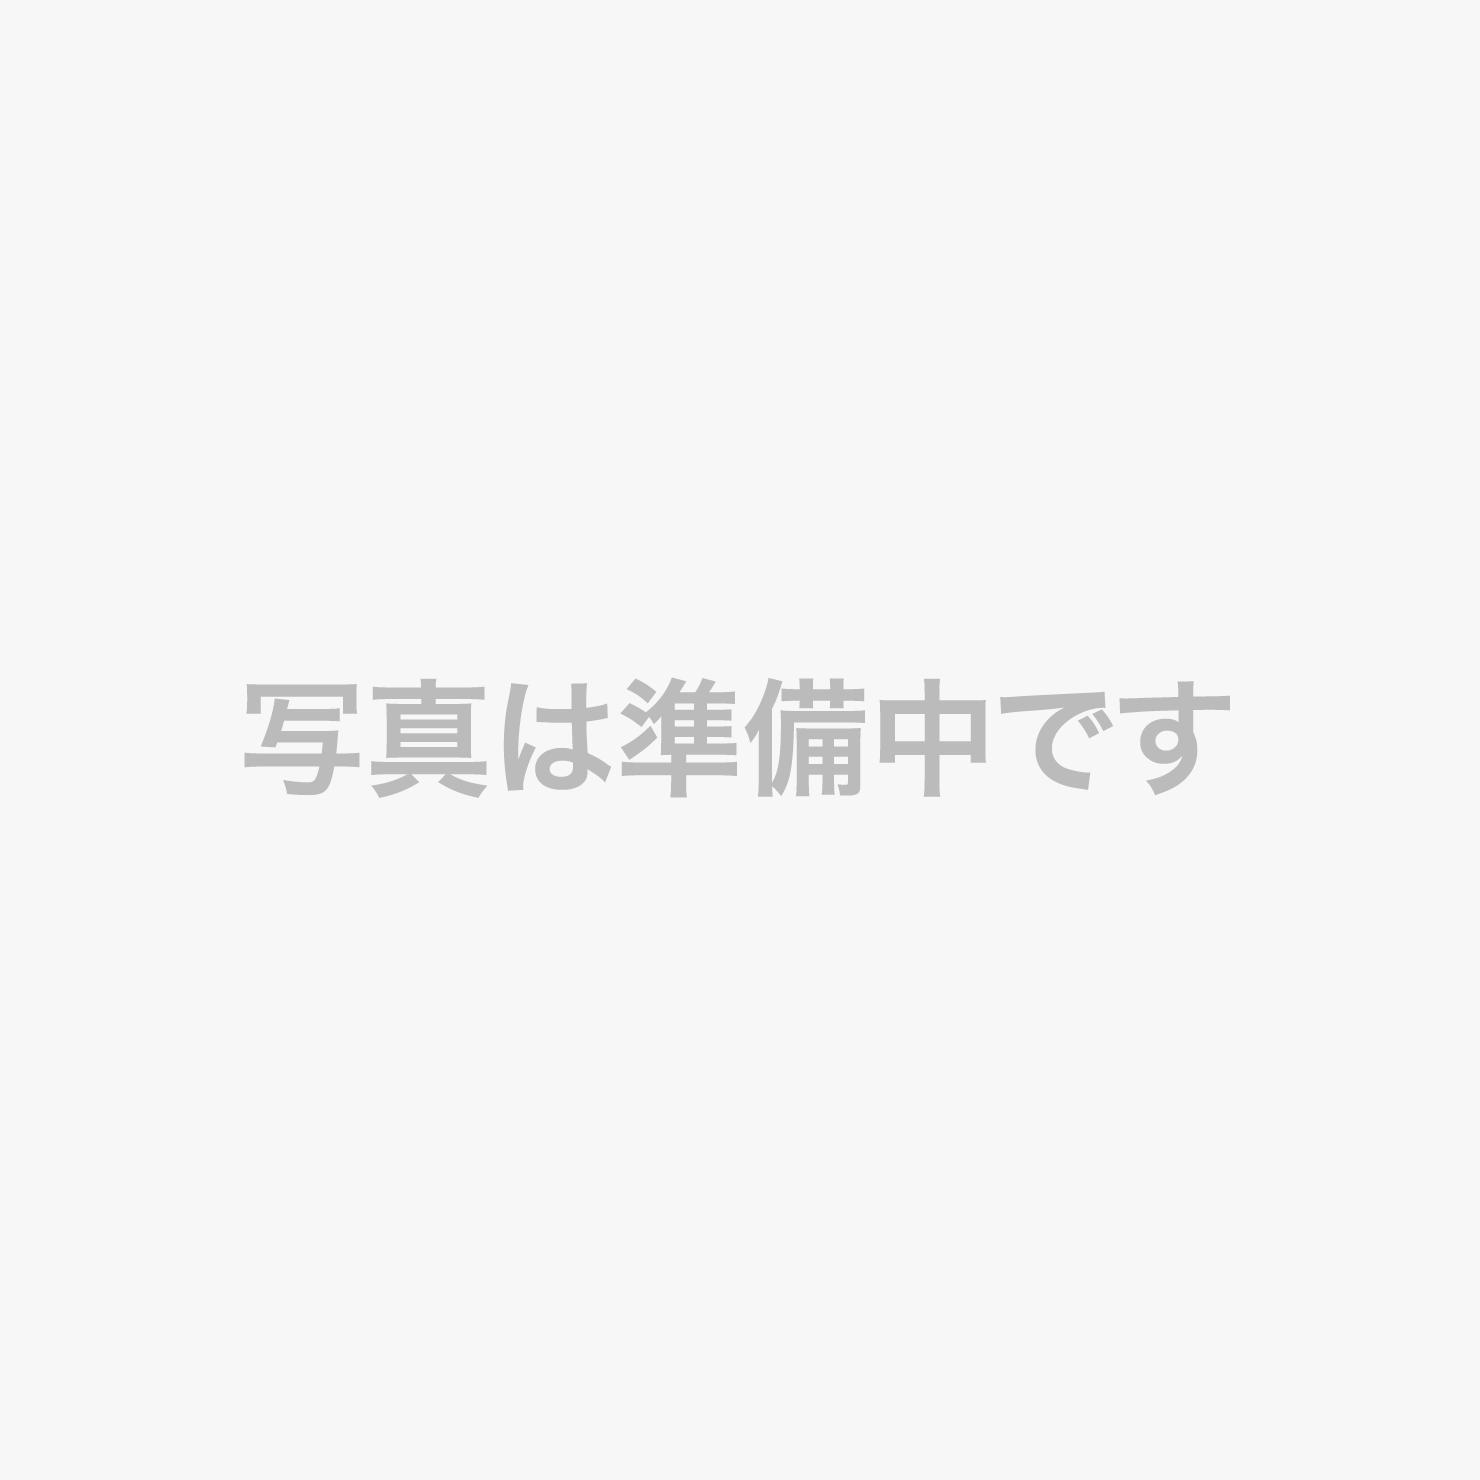 東大寺・若草山側客室